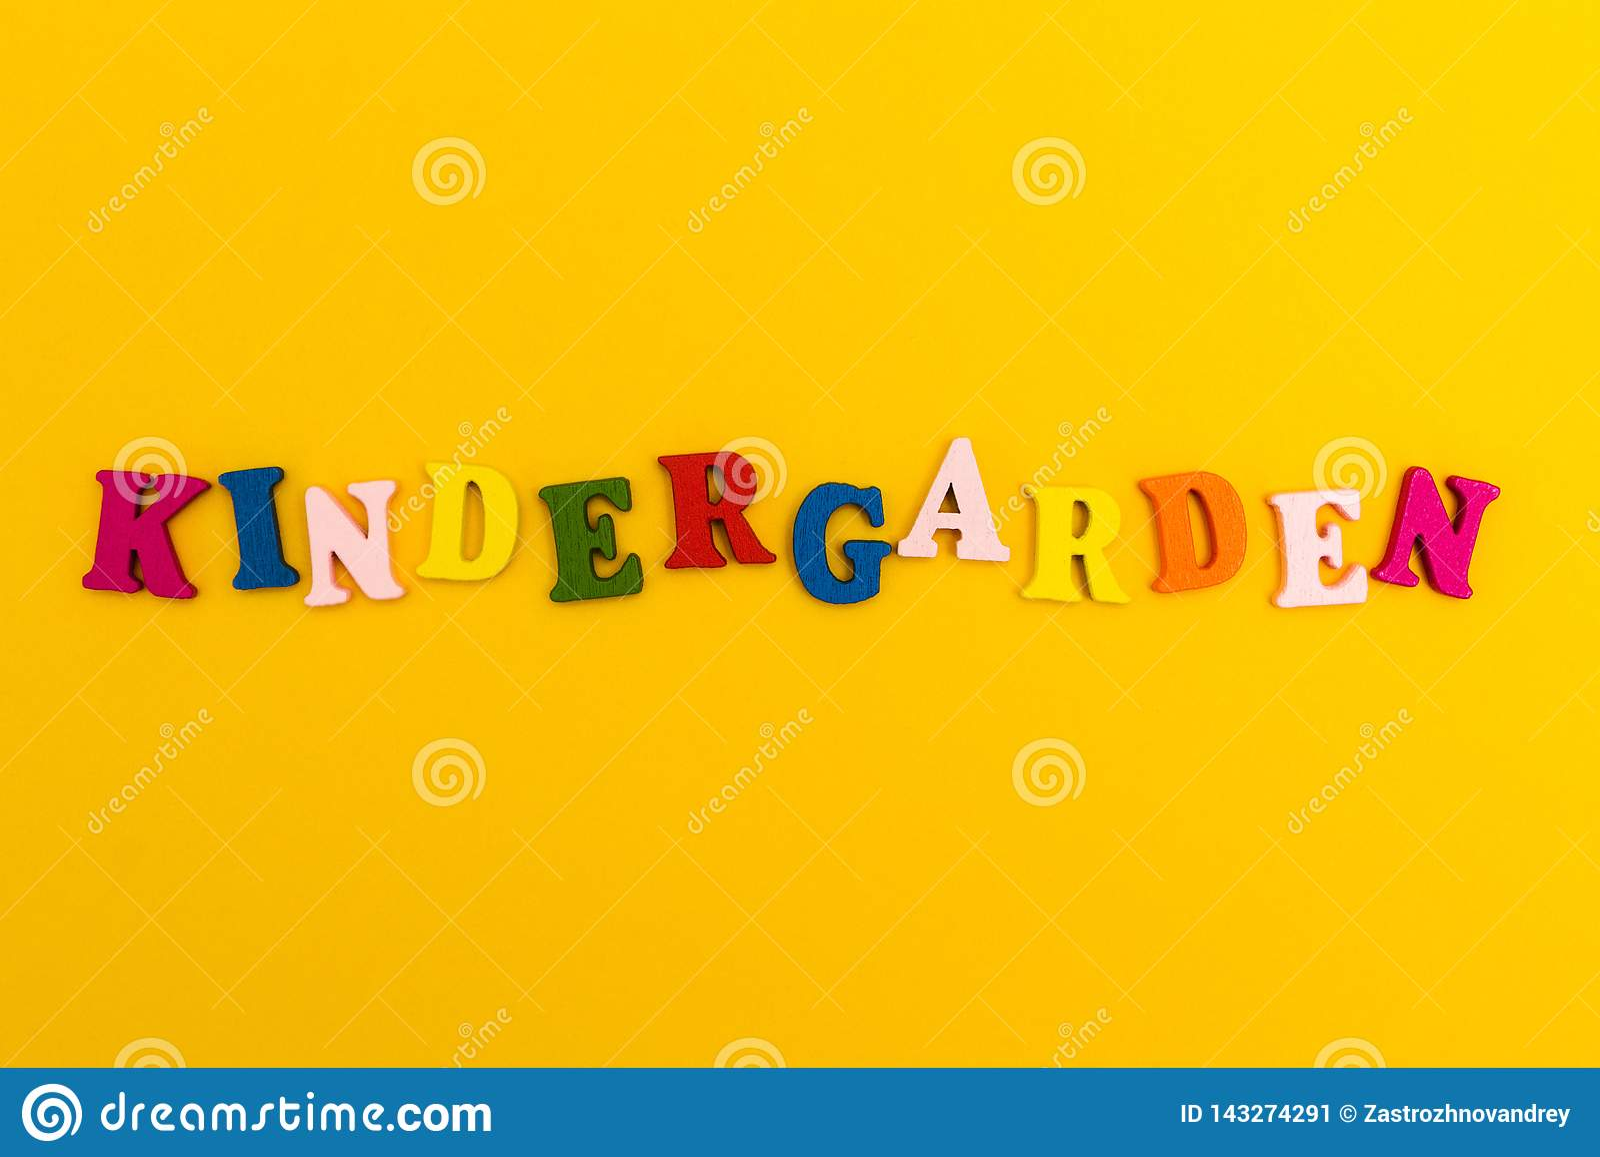 La inscripción 'guardería 'en letras coloridas en un fondo amarillo